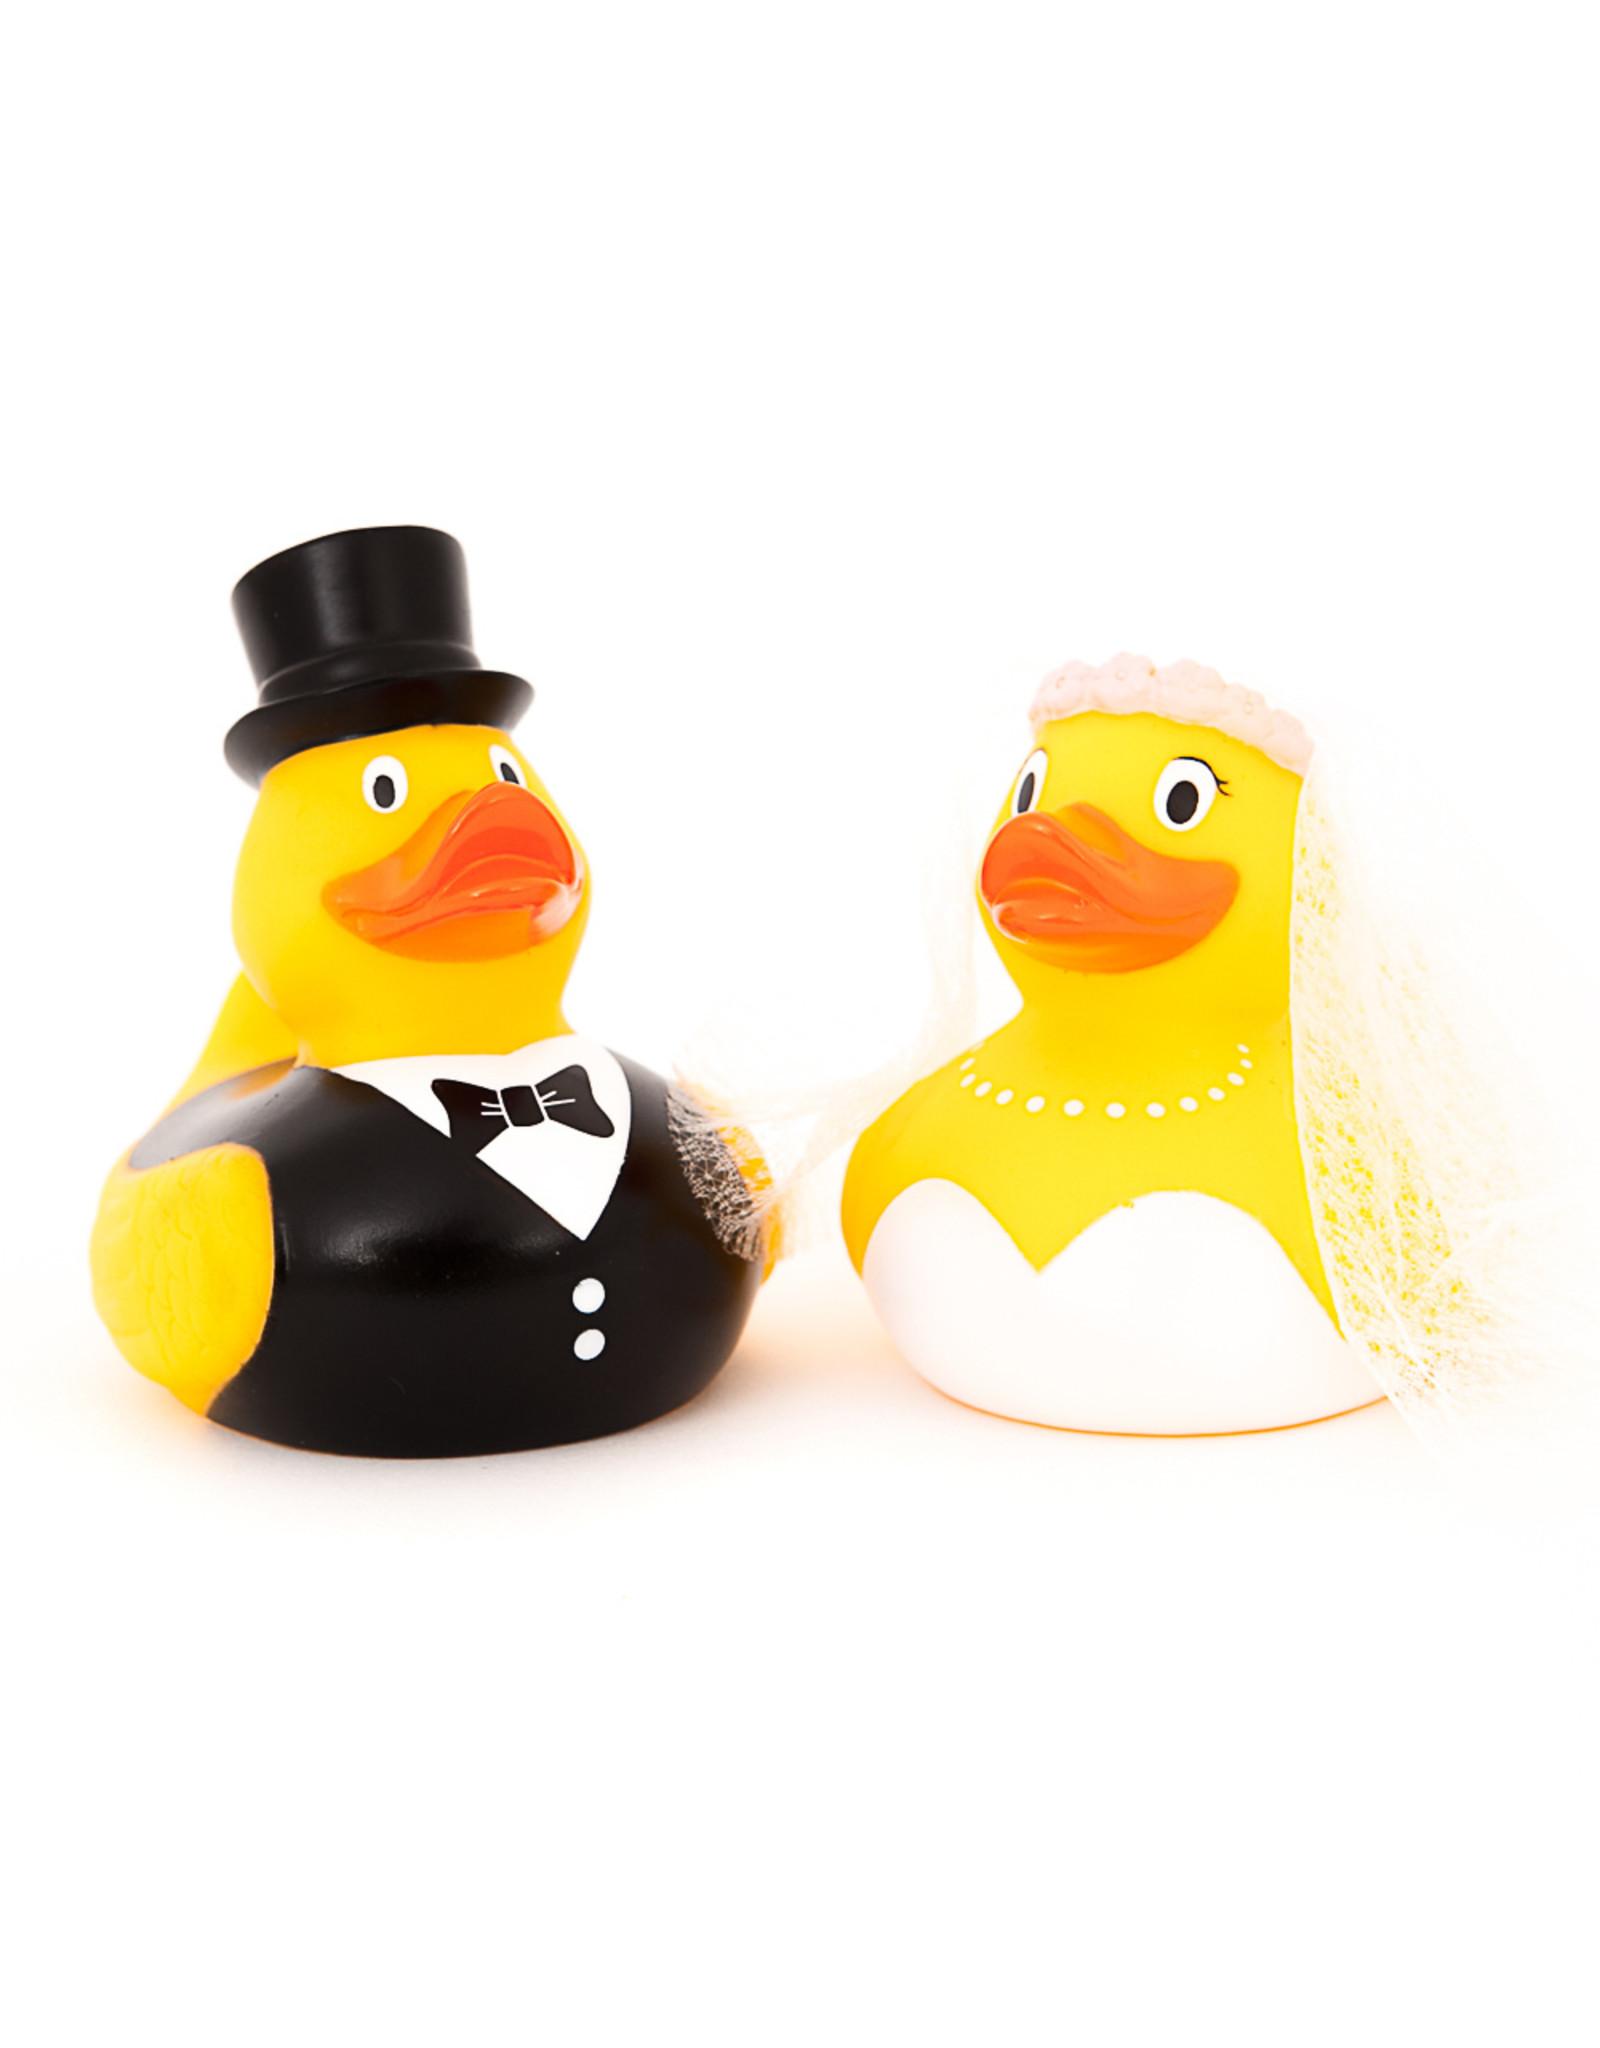 Just Ducks Own Bride & Groom Rubber Duck Set